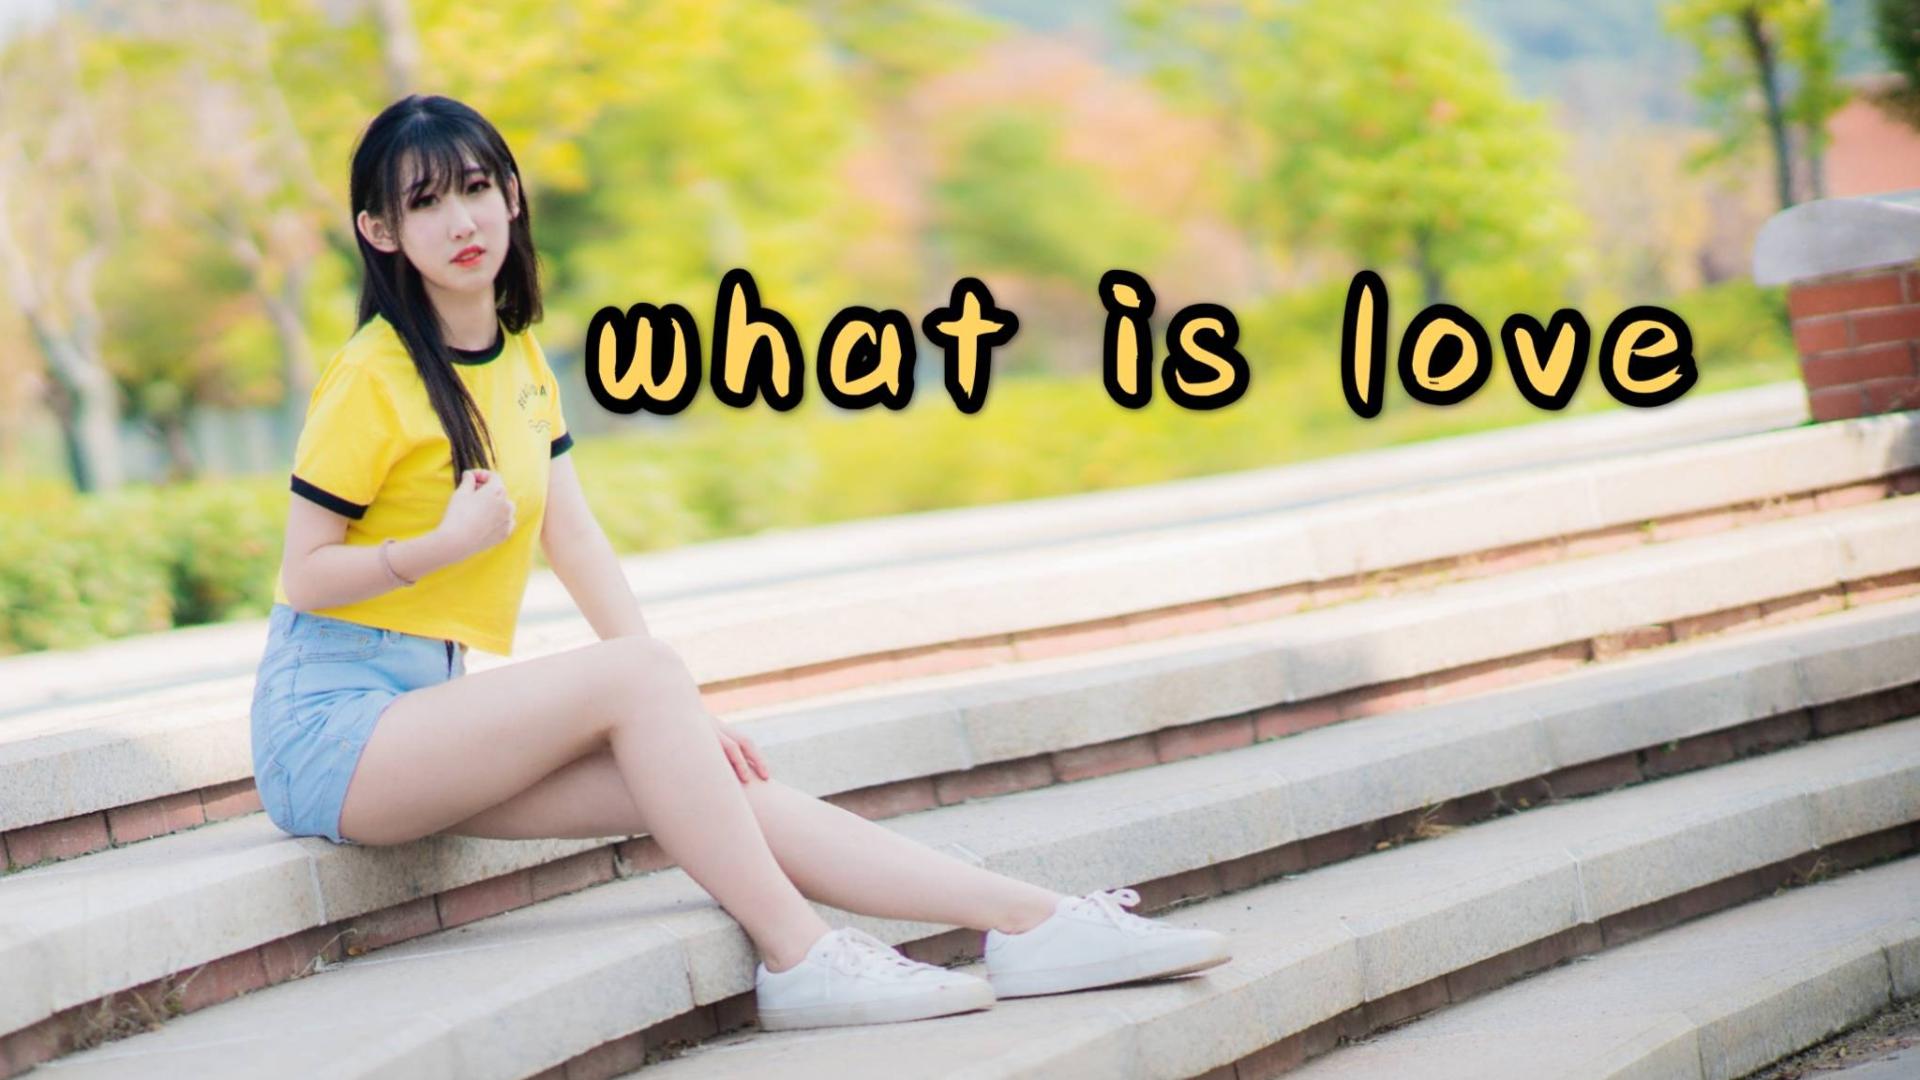 【雪蟹】TWICE - what is love?我超甜ヘ( ̄ω ̄ヘ) ♪~~